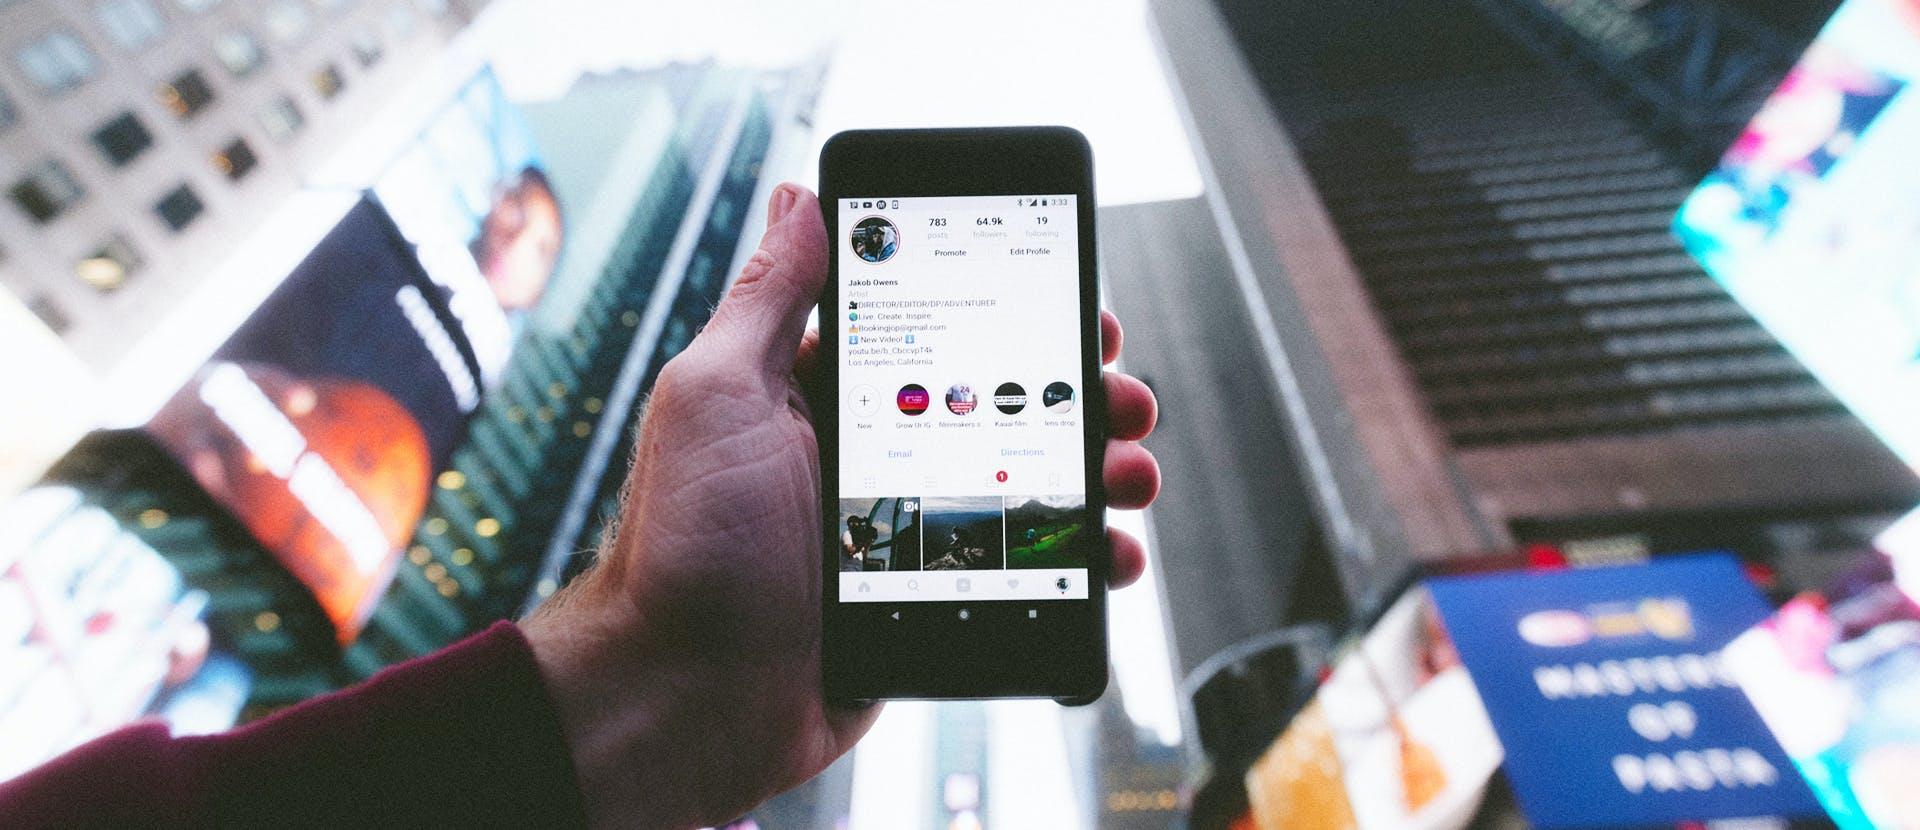 i profili Instagram da seguire nel 2019 - L'Officiel Italia